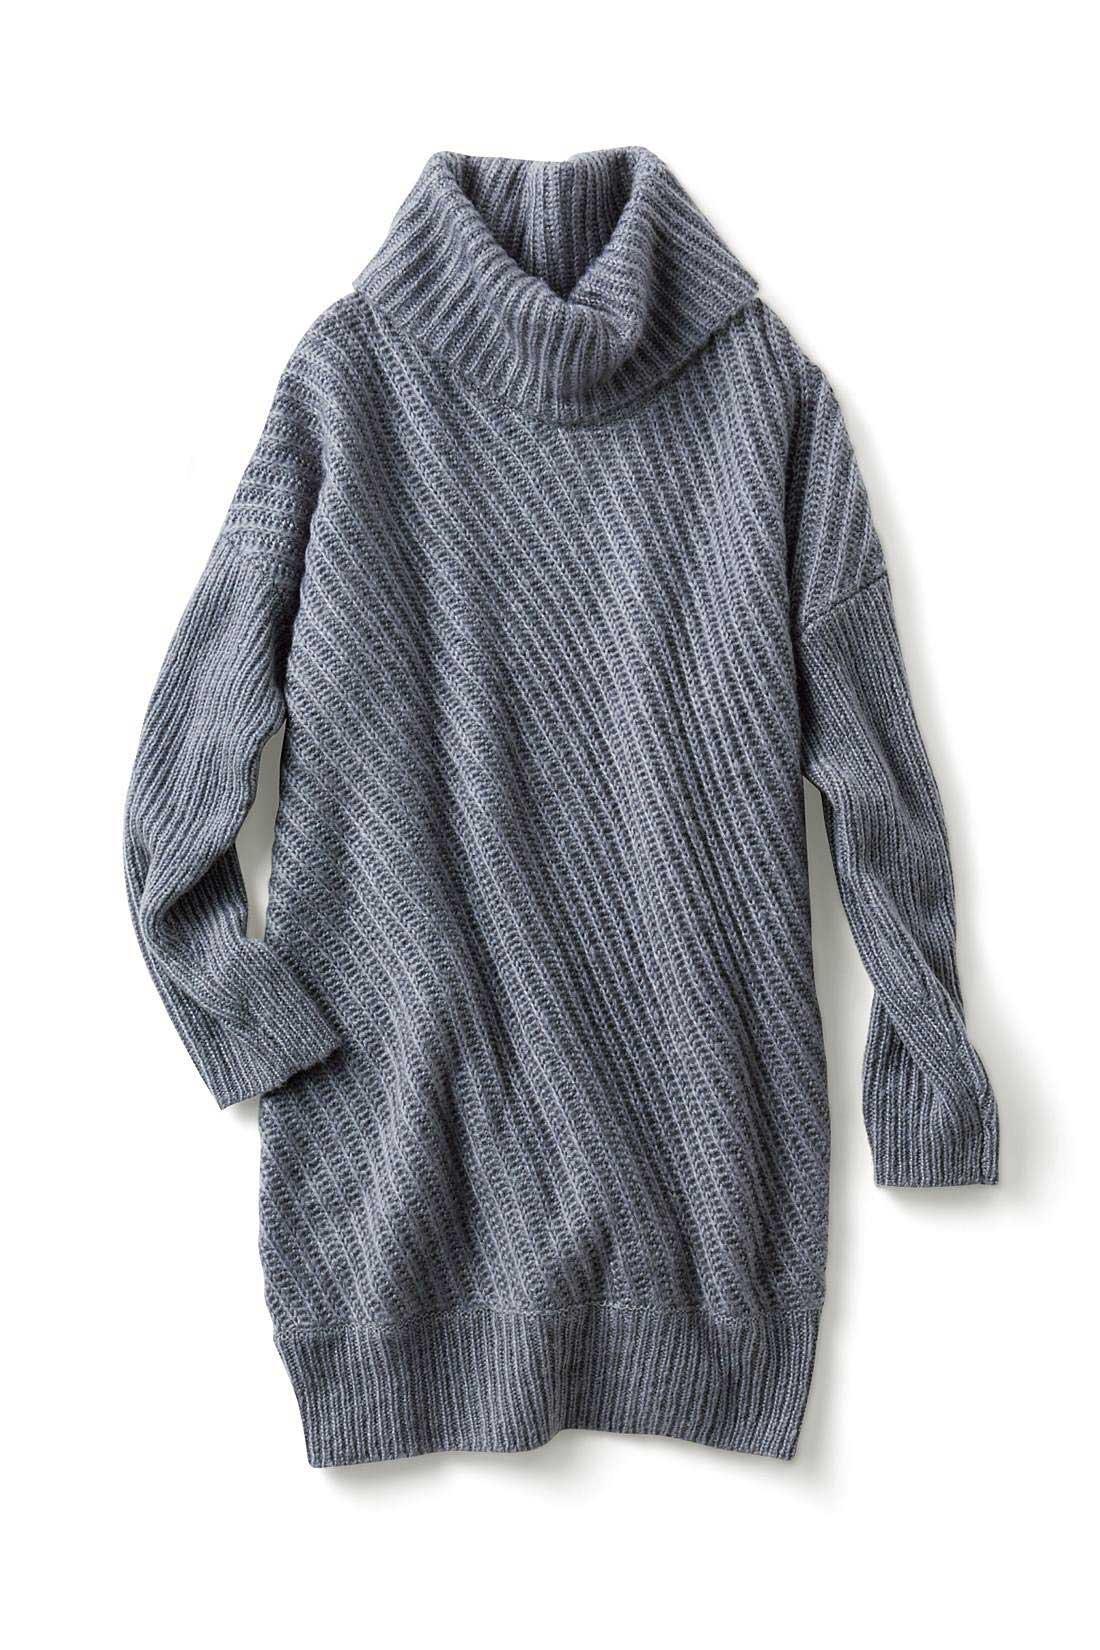 インに合わせやすいオフタートル。袖は細身のリブ編みでメリハリを。